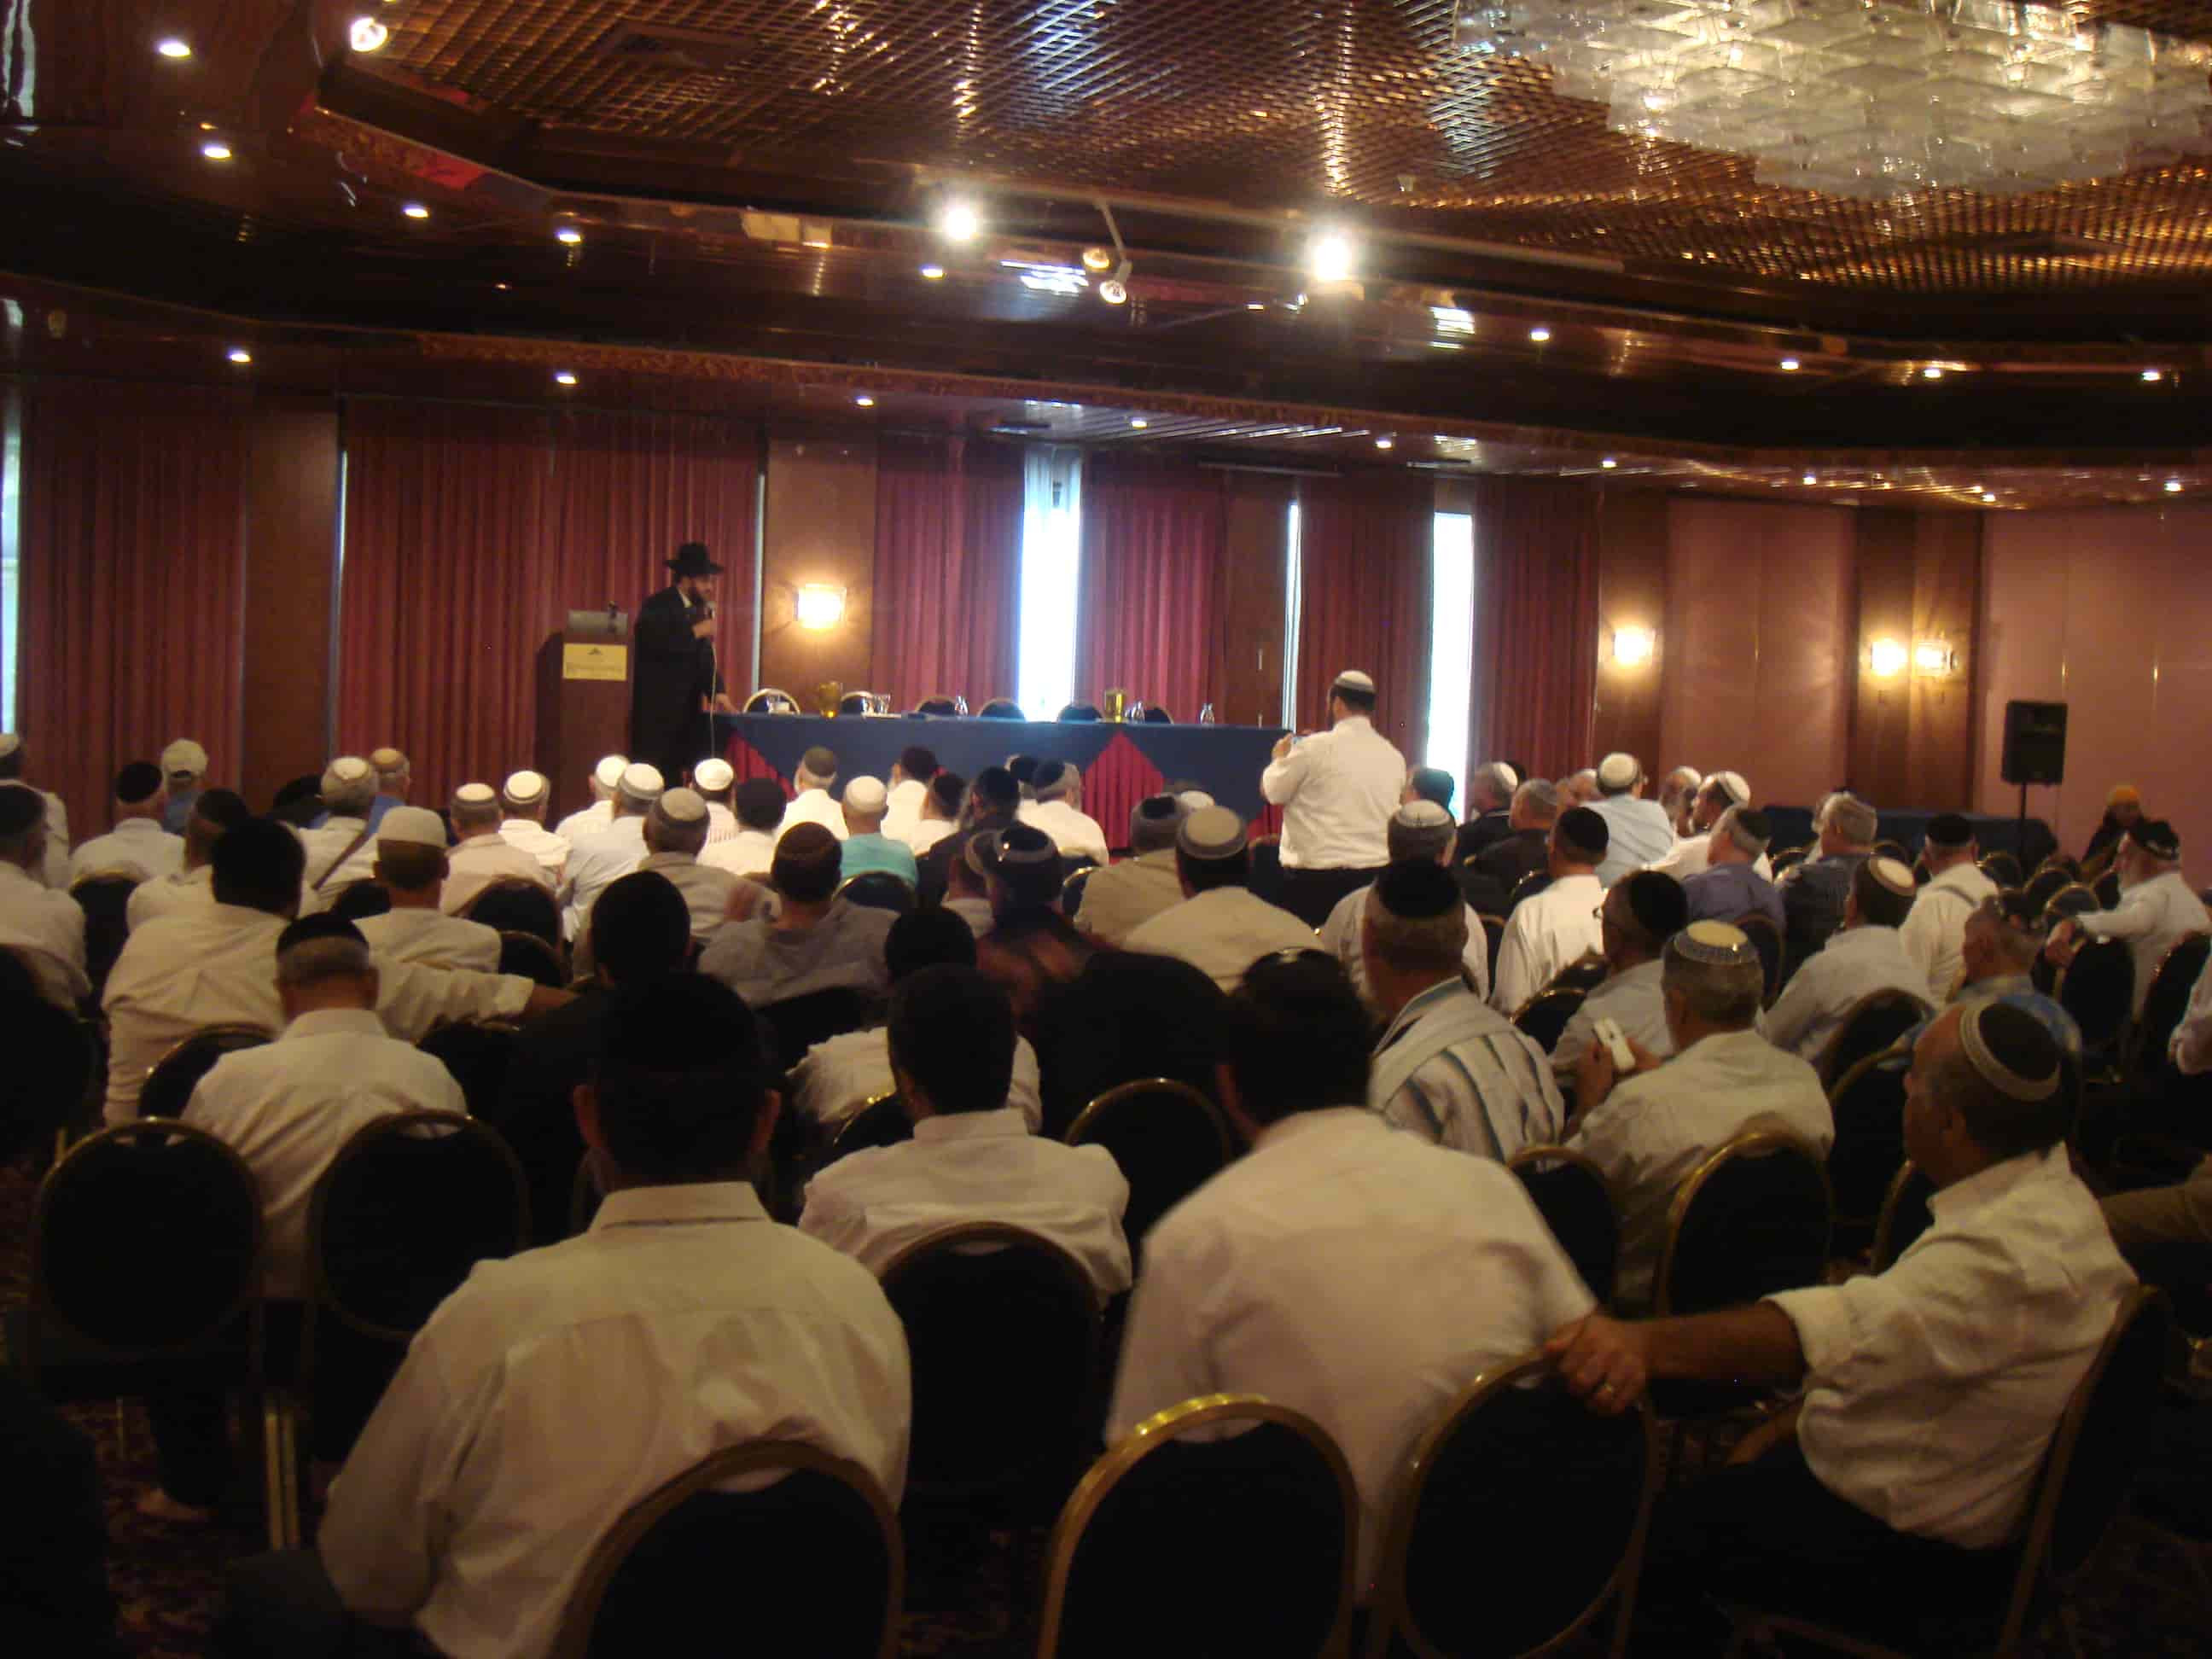 הרצאה לחקלאים במלון בירושלים-min